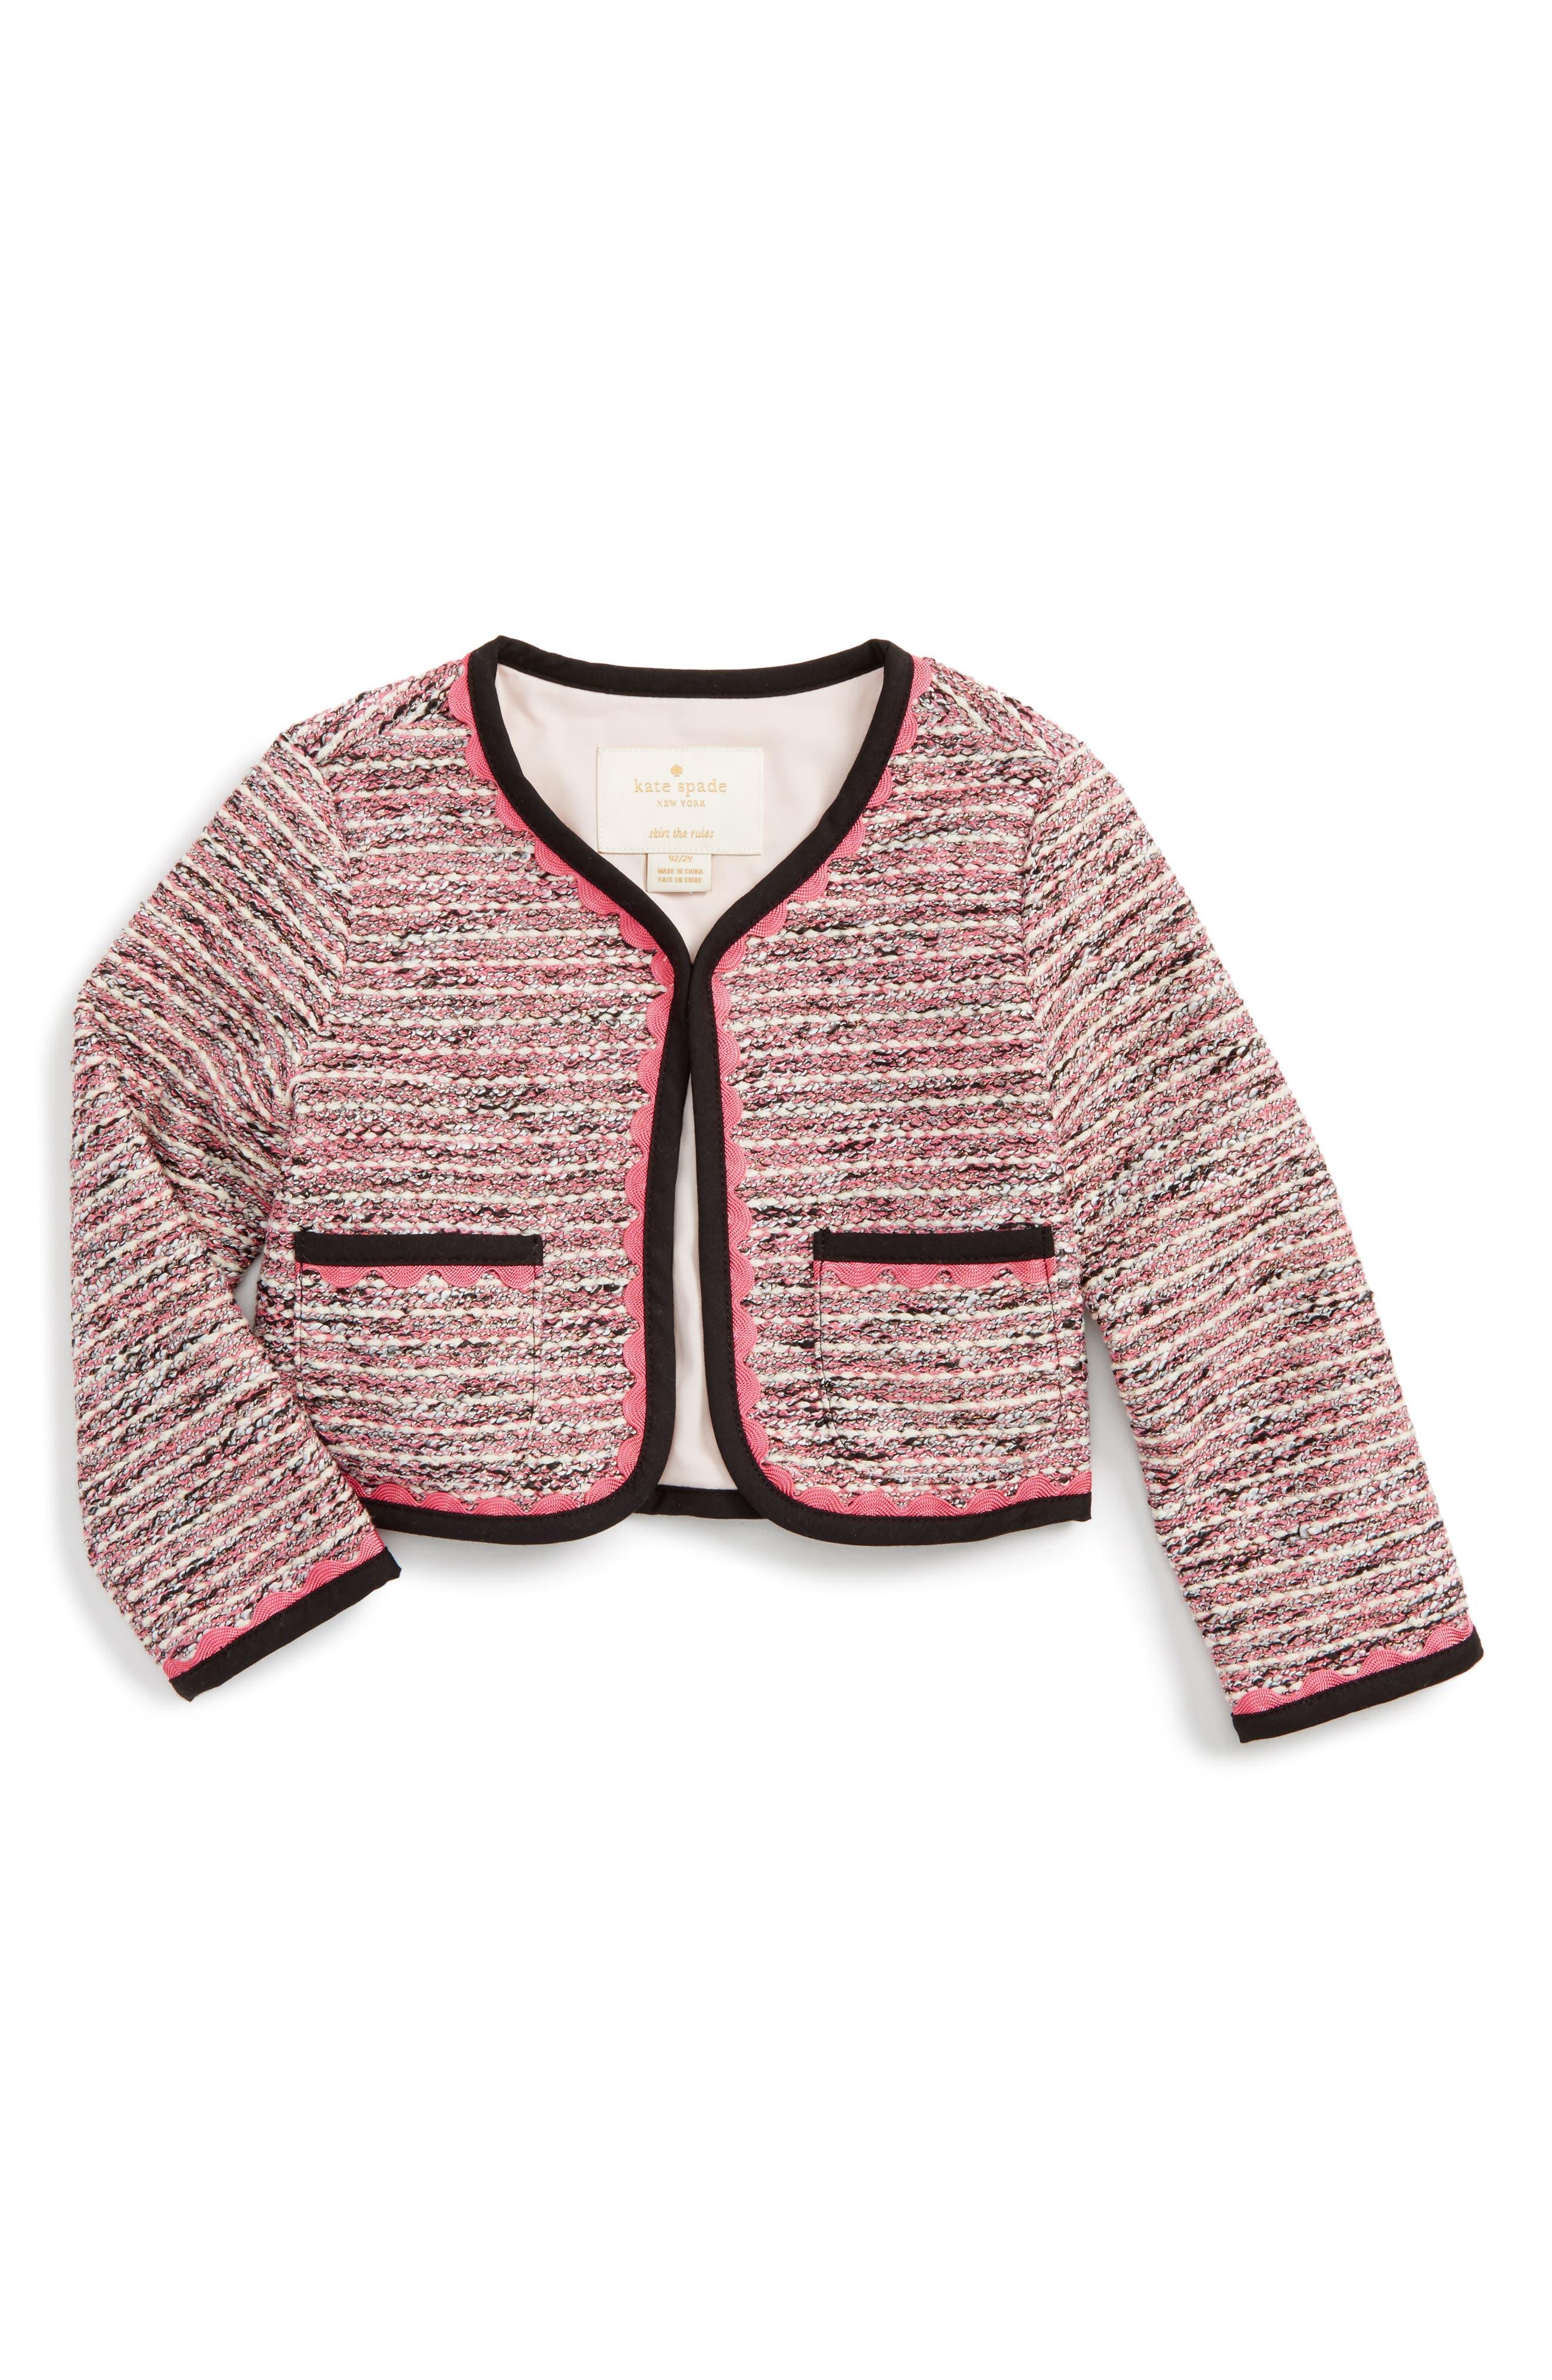 Main Image - kate spade new york tweed jacket (Toddler Girls & Little Girls)